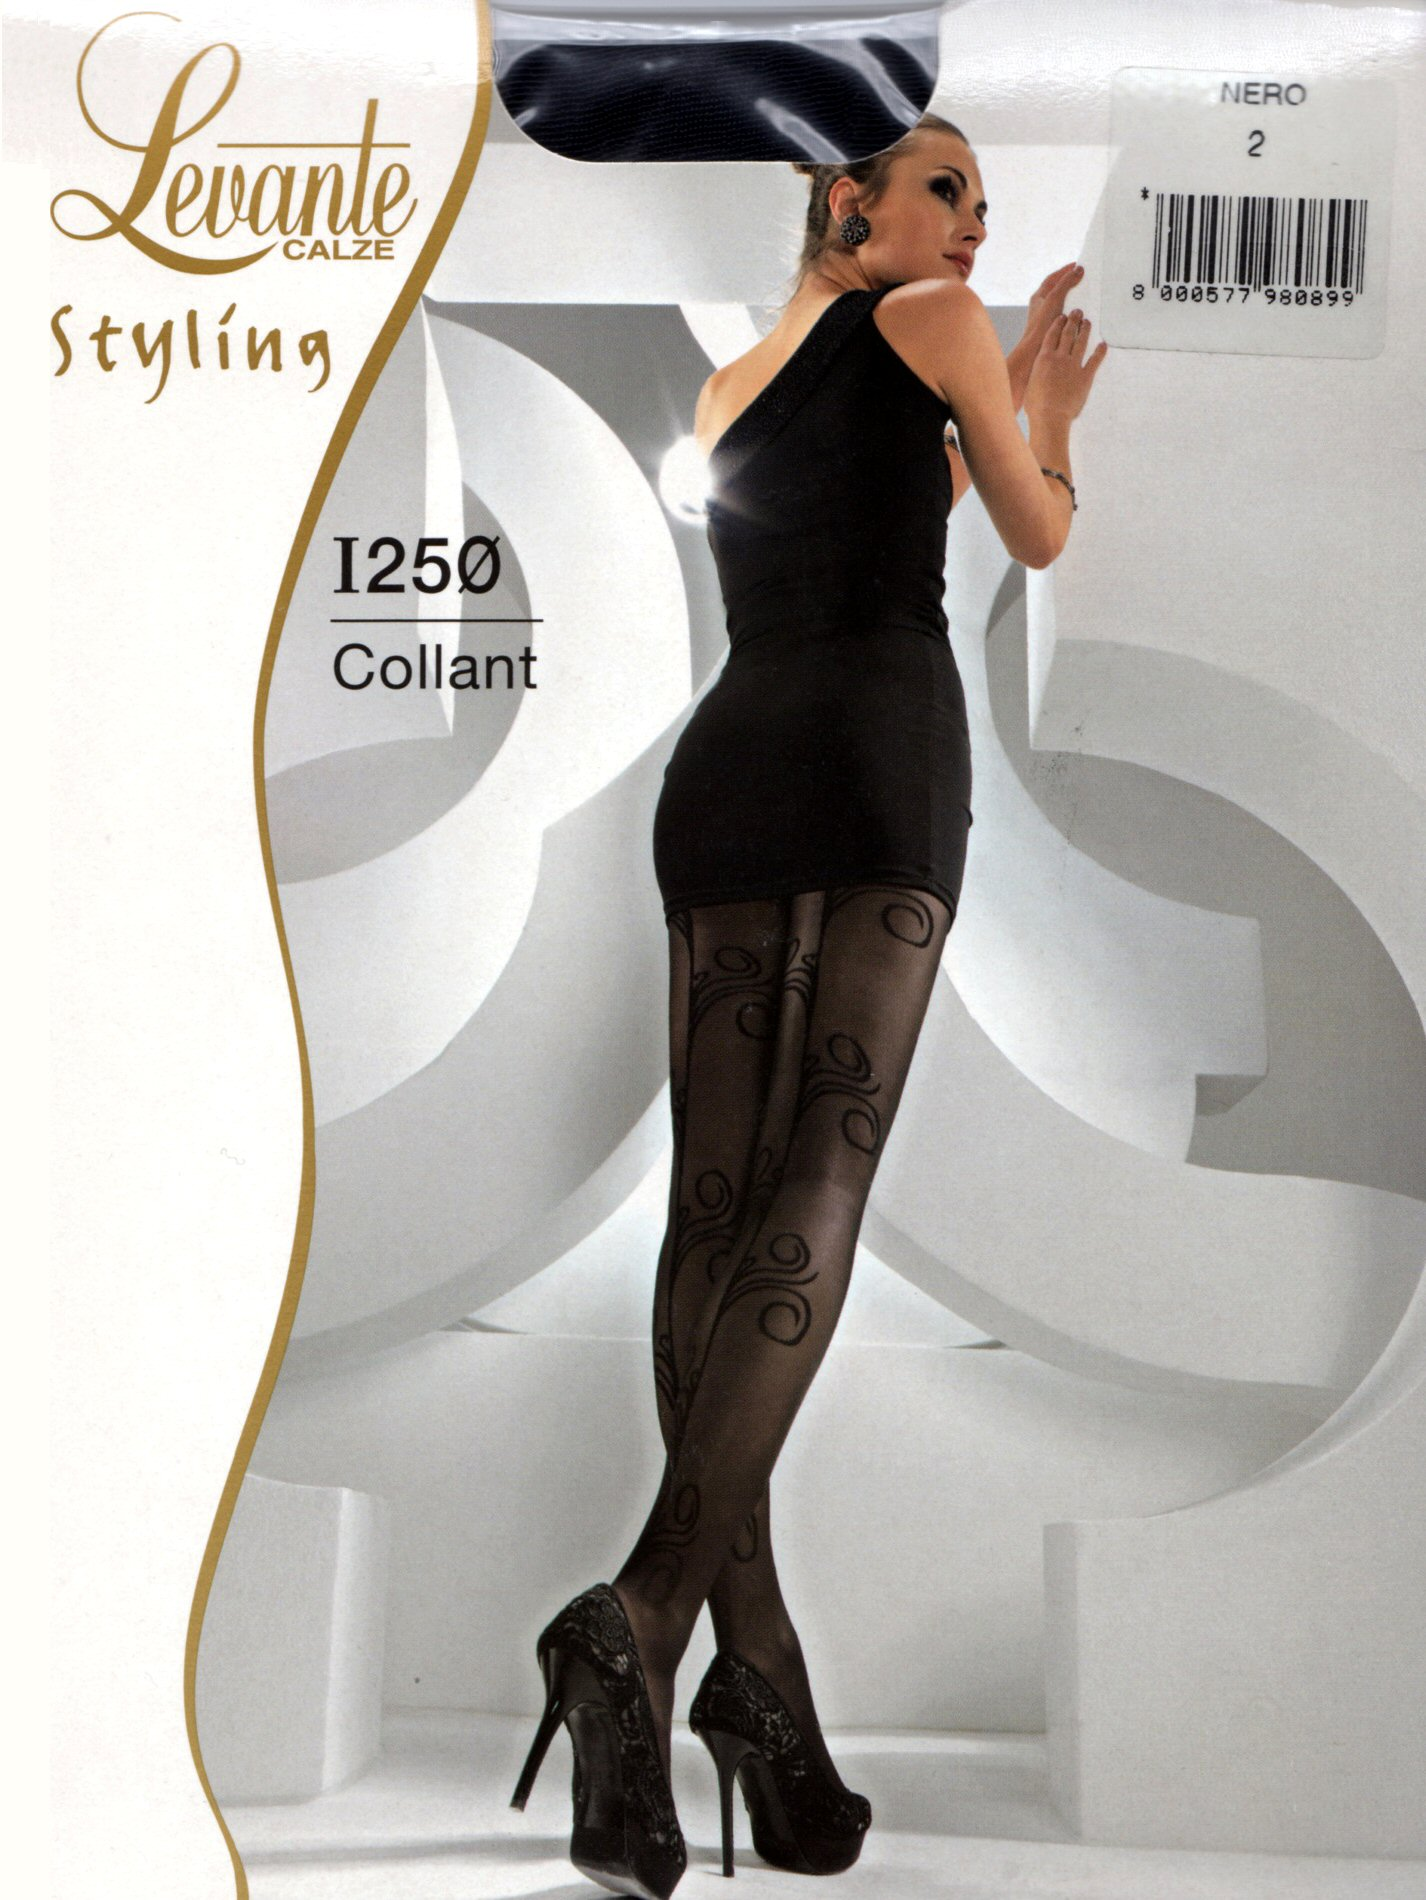 Levante Fashion 15-11